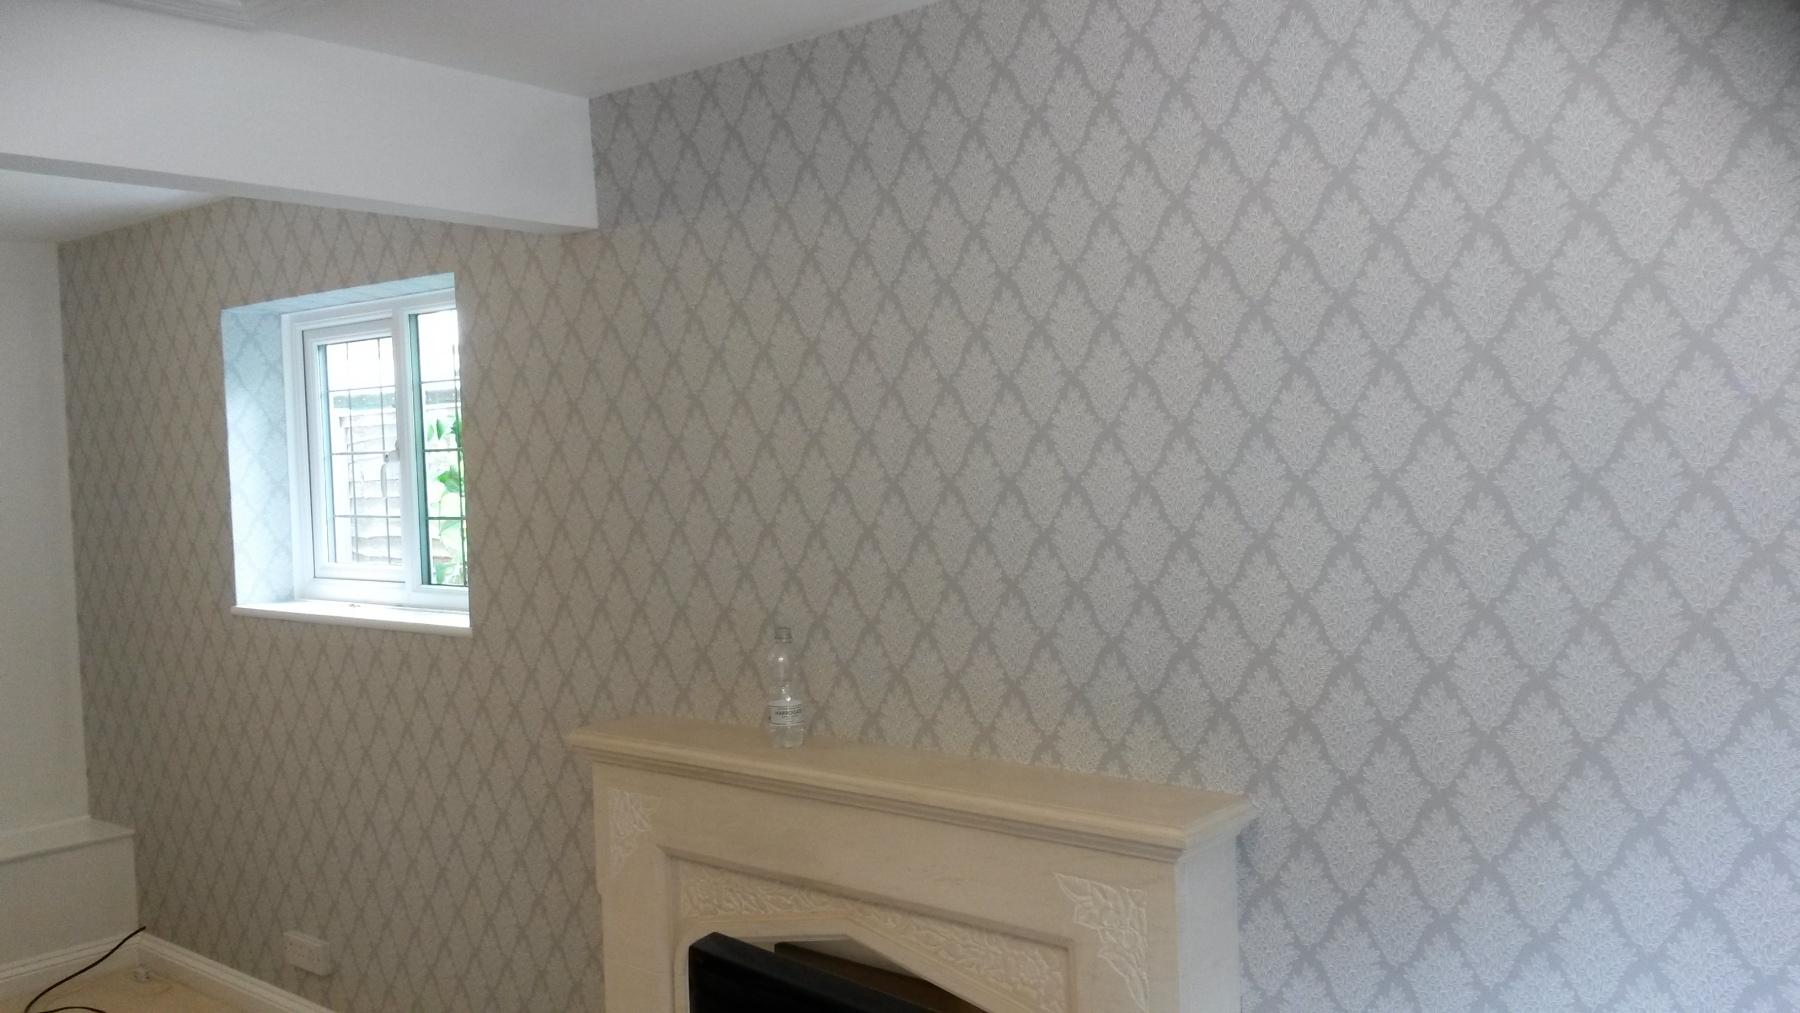 Wallpapering in Wokingham 1